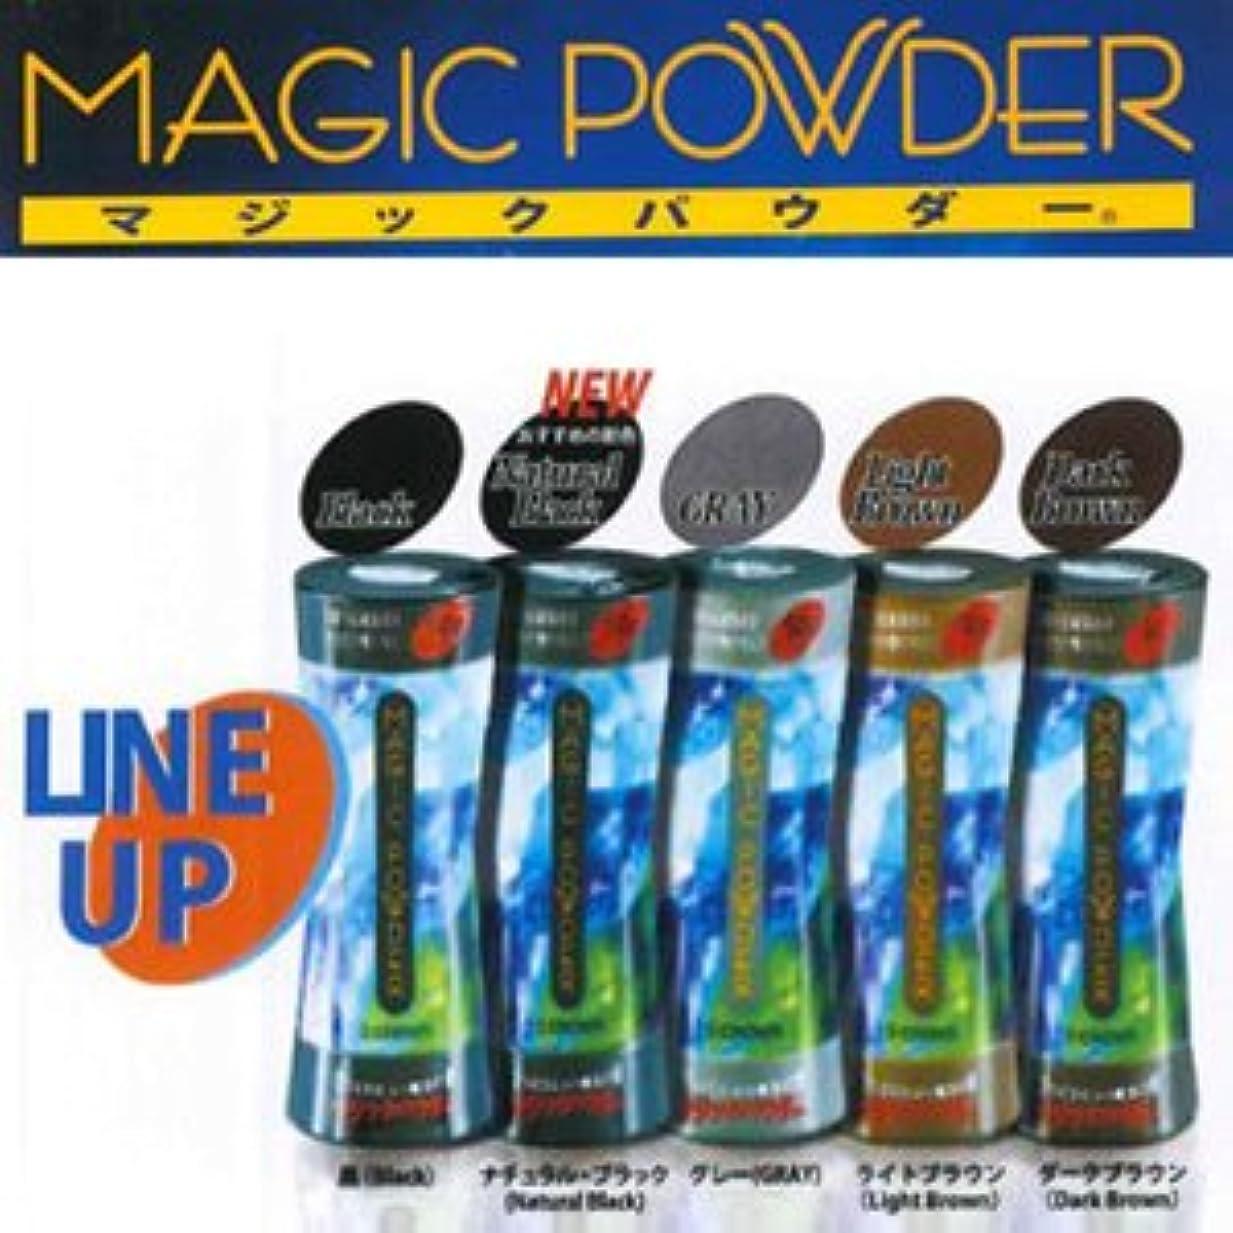 スライムスライム消防士MAGIC POWDER マジックパウダー ブラック 50g  ※貴方の髪を簡単ボリュームアップ!